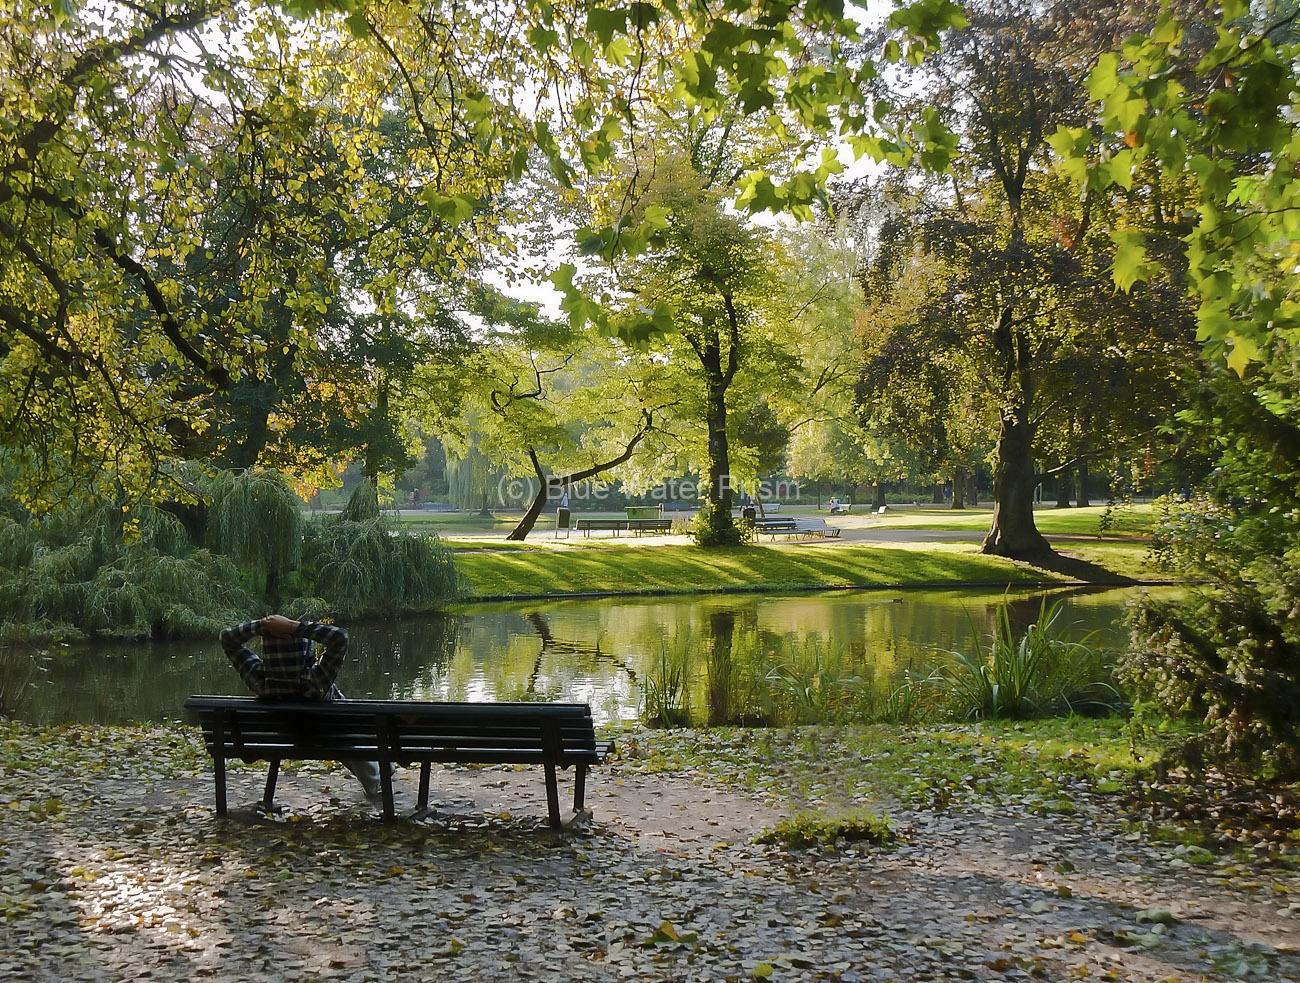 Amsterdam Netherlands park scene